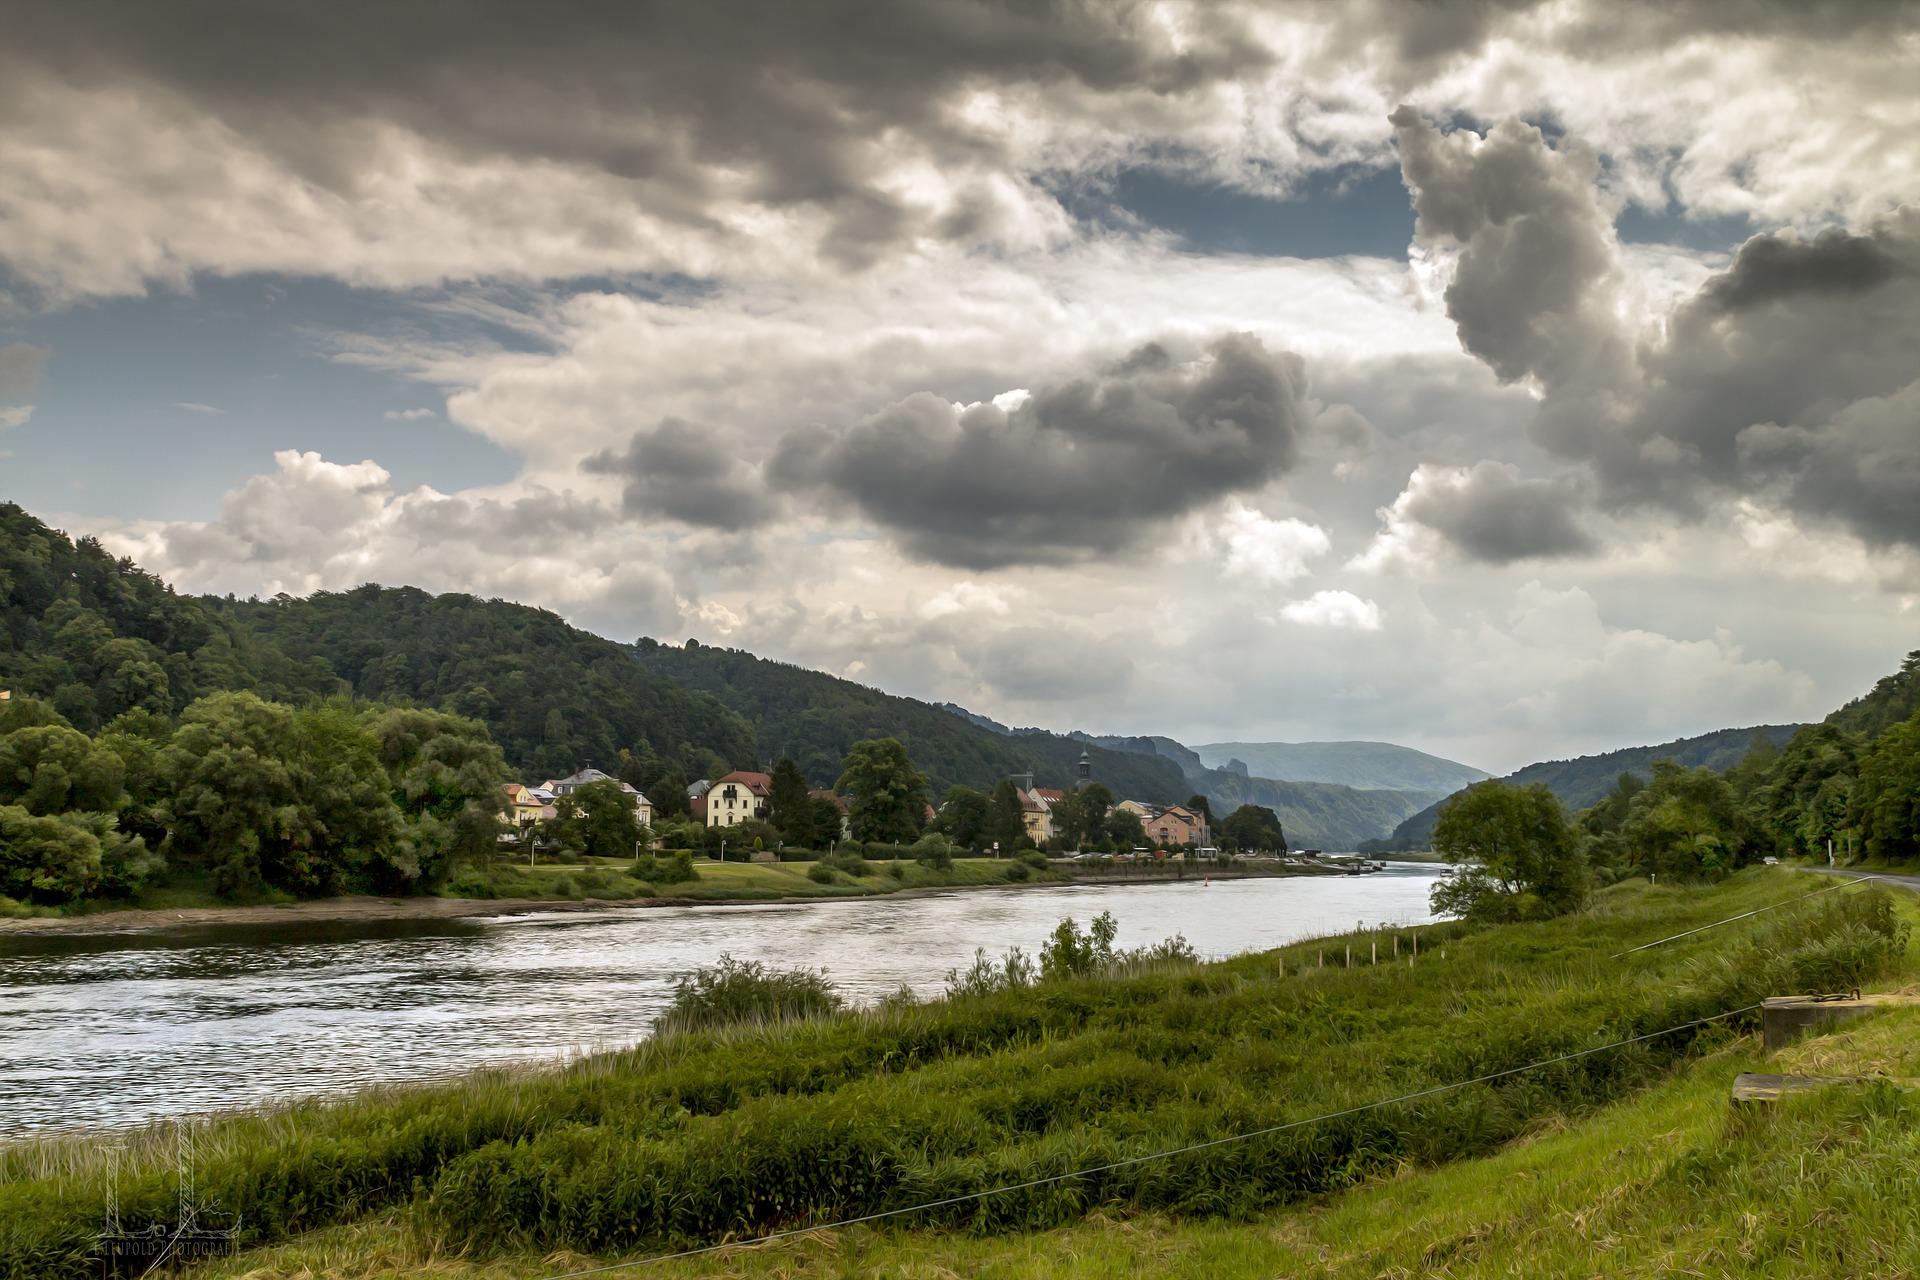 Naturgenuss in der Sächsischen Schweiz mit dem Range Rover